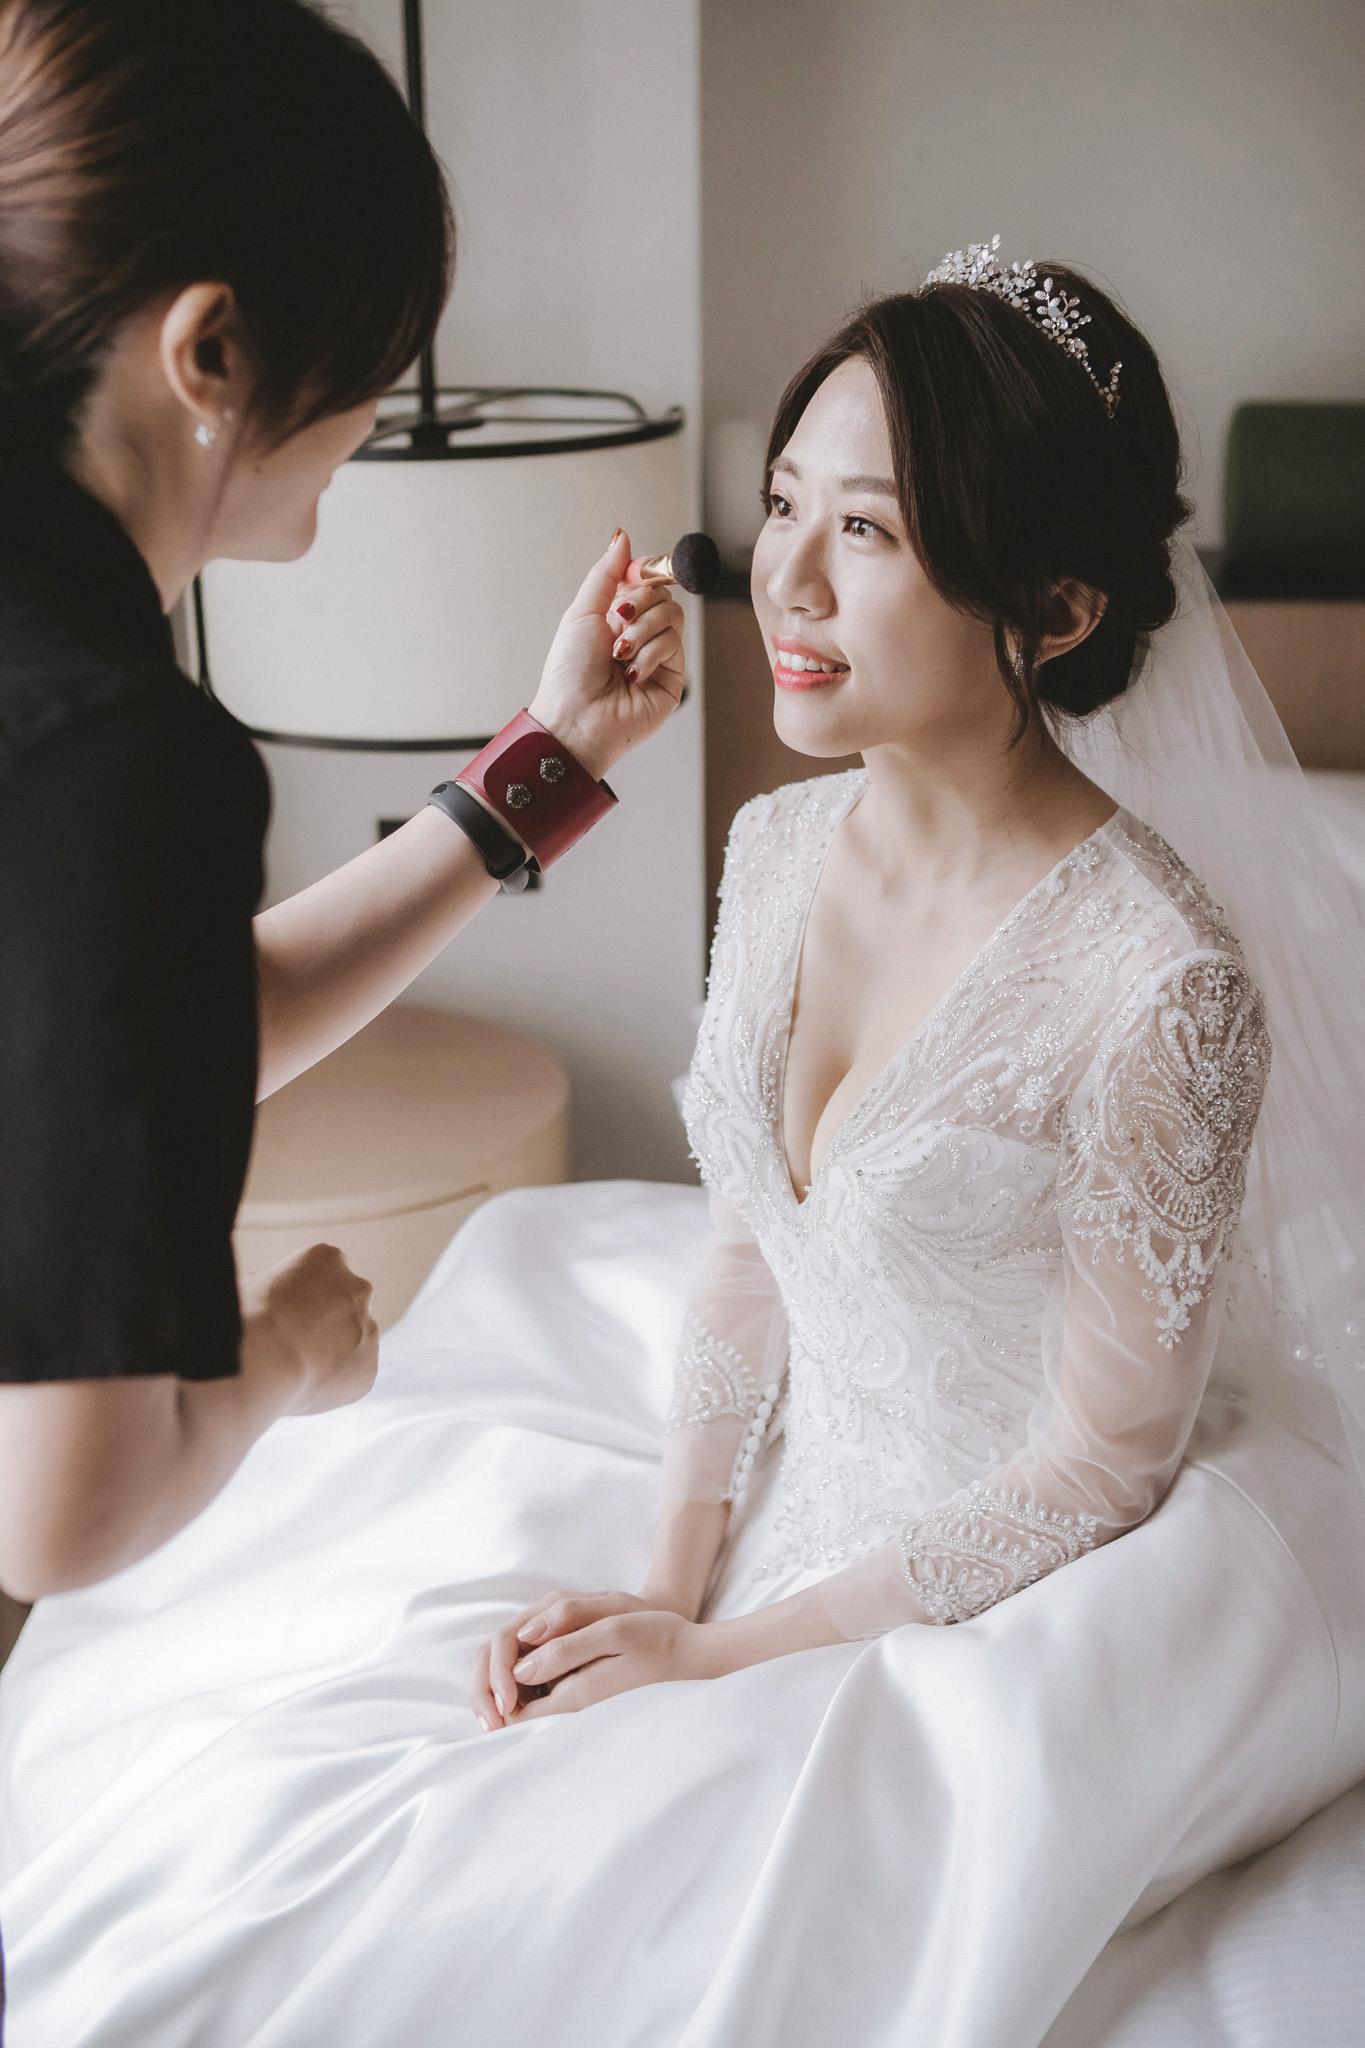 EW 居米 台北婚宴 台北婚紗 台北婚攝 凱達飯店 台北婚禮 -4